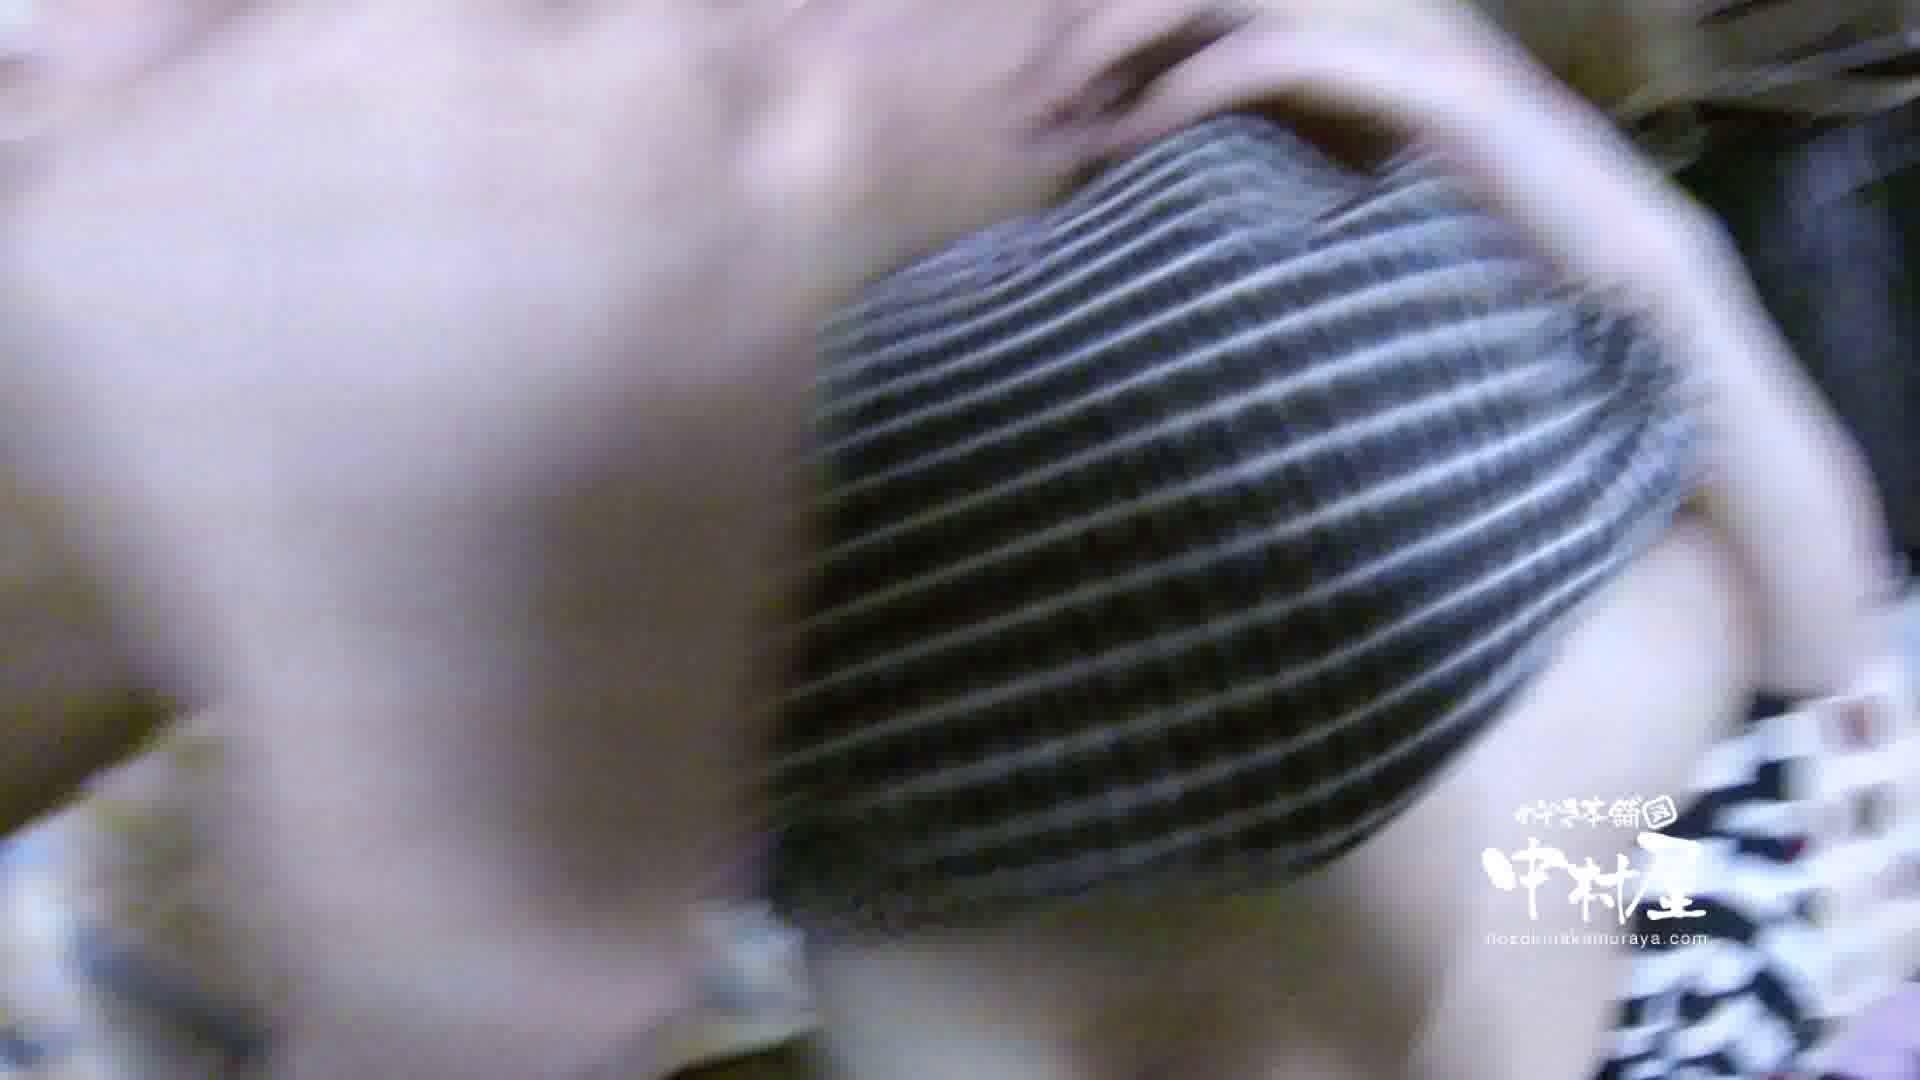 鬼畜 vol.09 無慈悲!中出し爆乳! 前編 爆乳  91連発 60